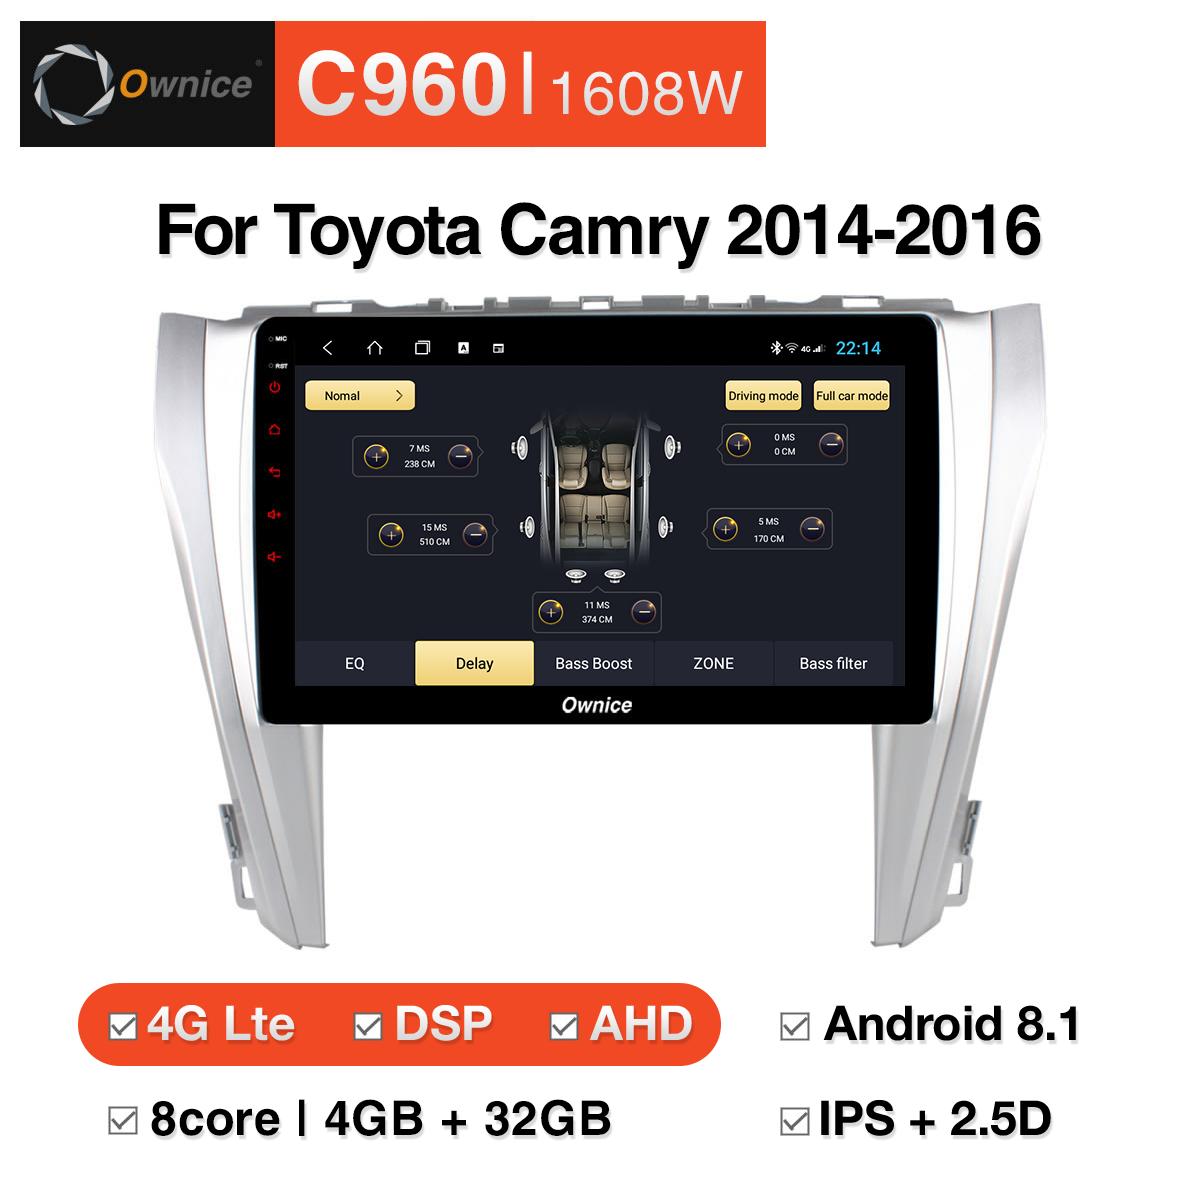 Đầu DVD android Ownice C960 cho xe ô tô Toyota Camry 2014 - 2016 :: OL-1608W